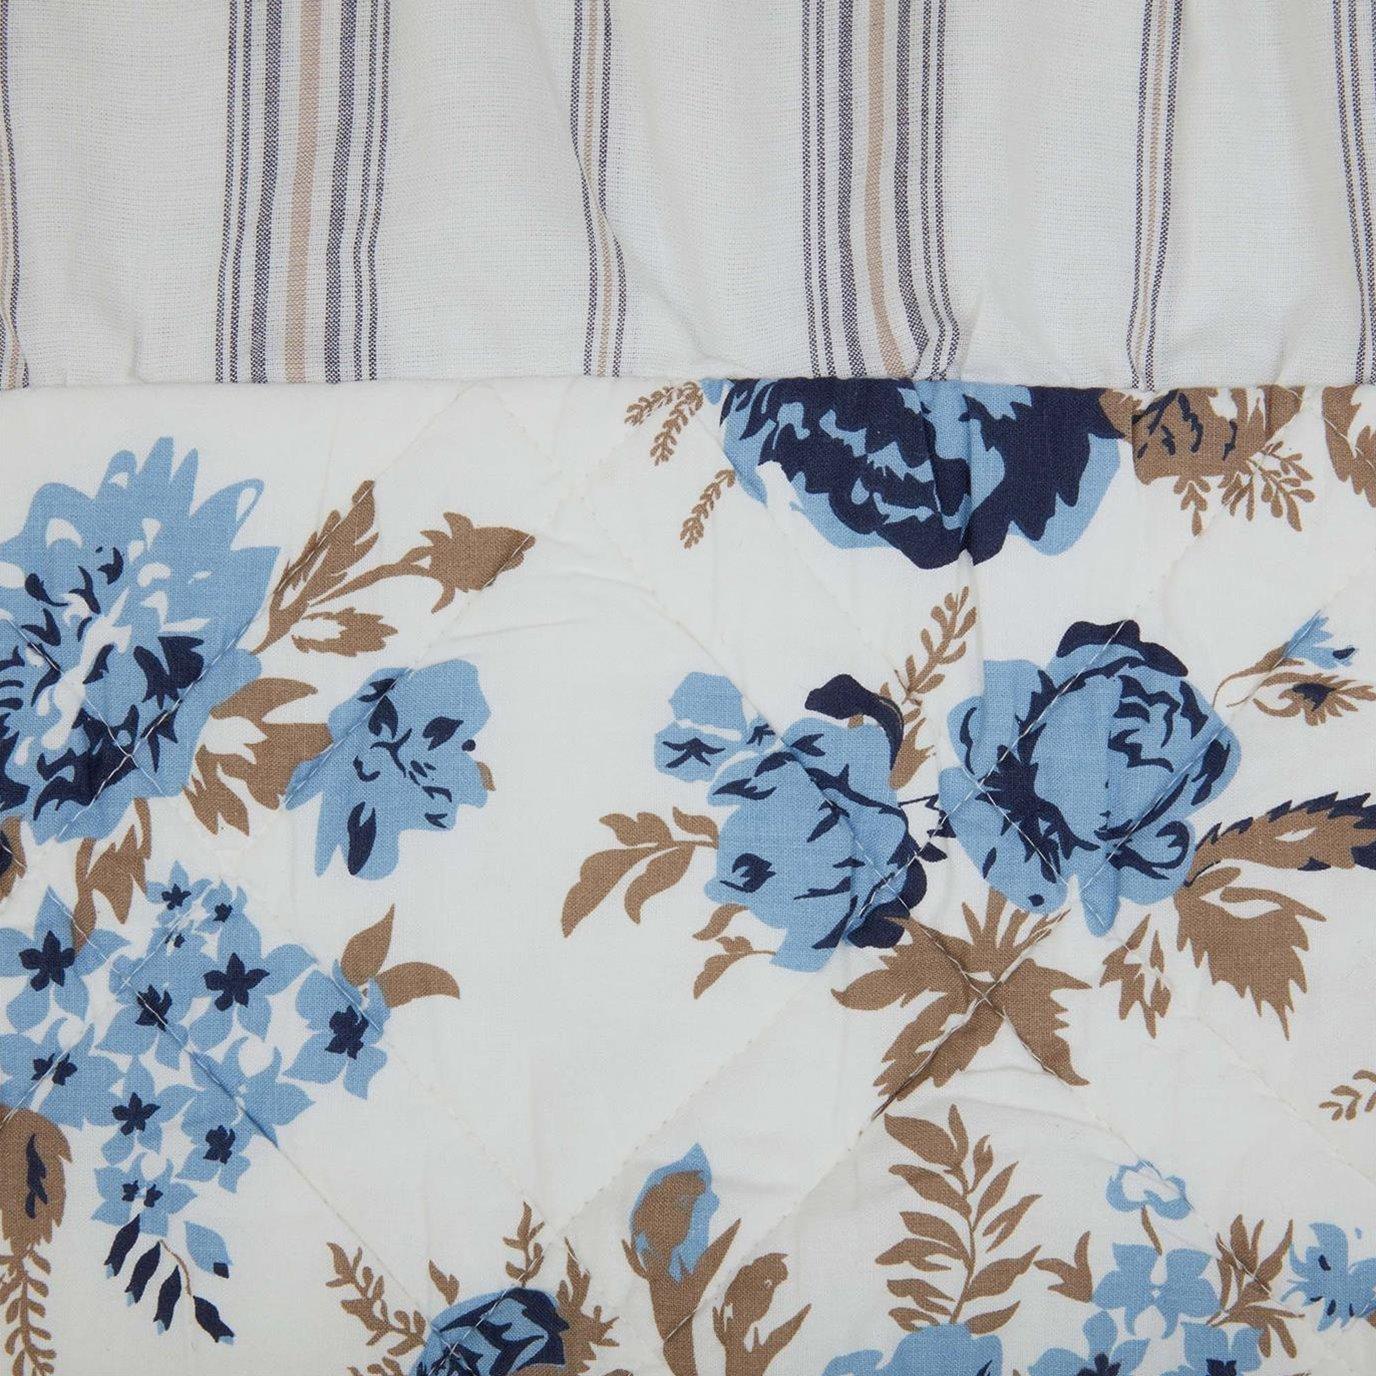 Annie Blue Floral Ruffled Standard Sham 21x27